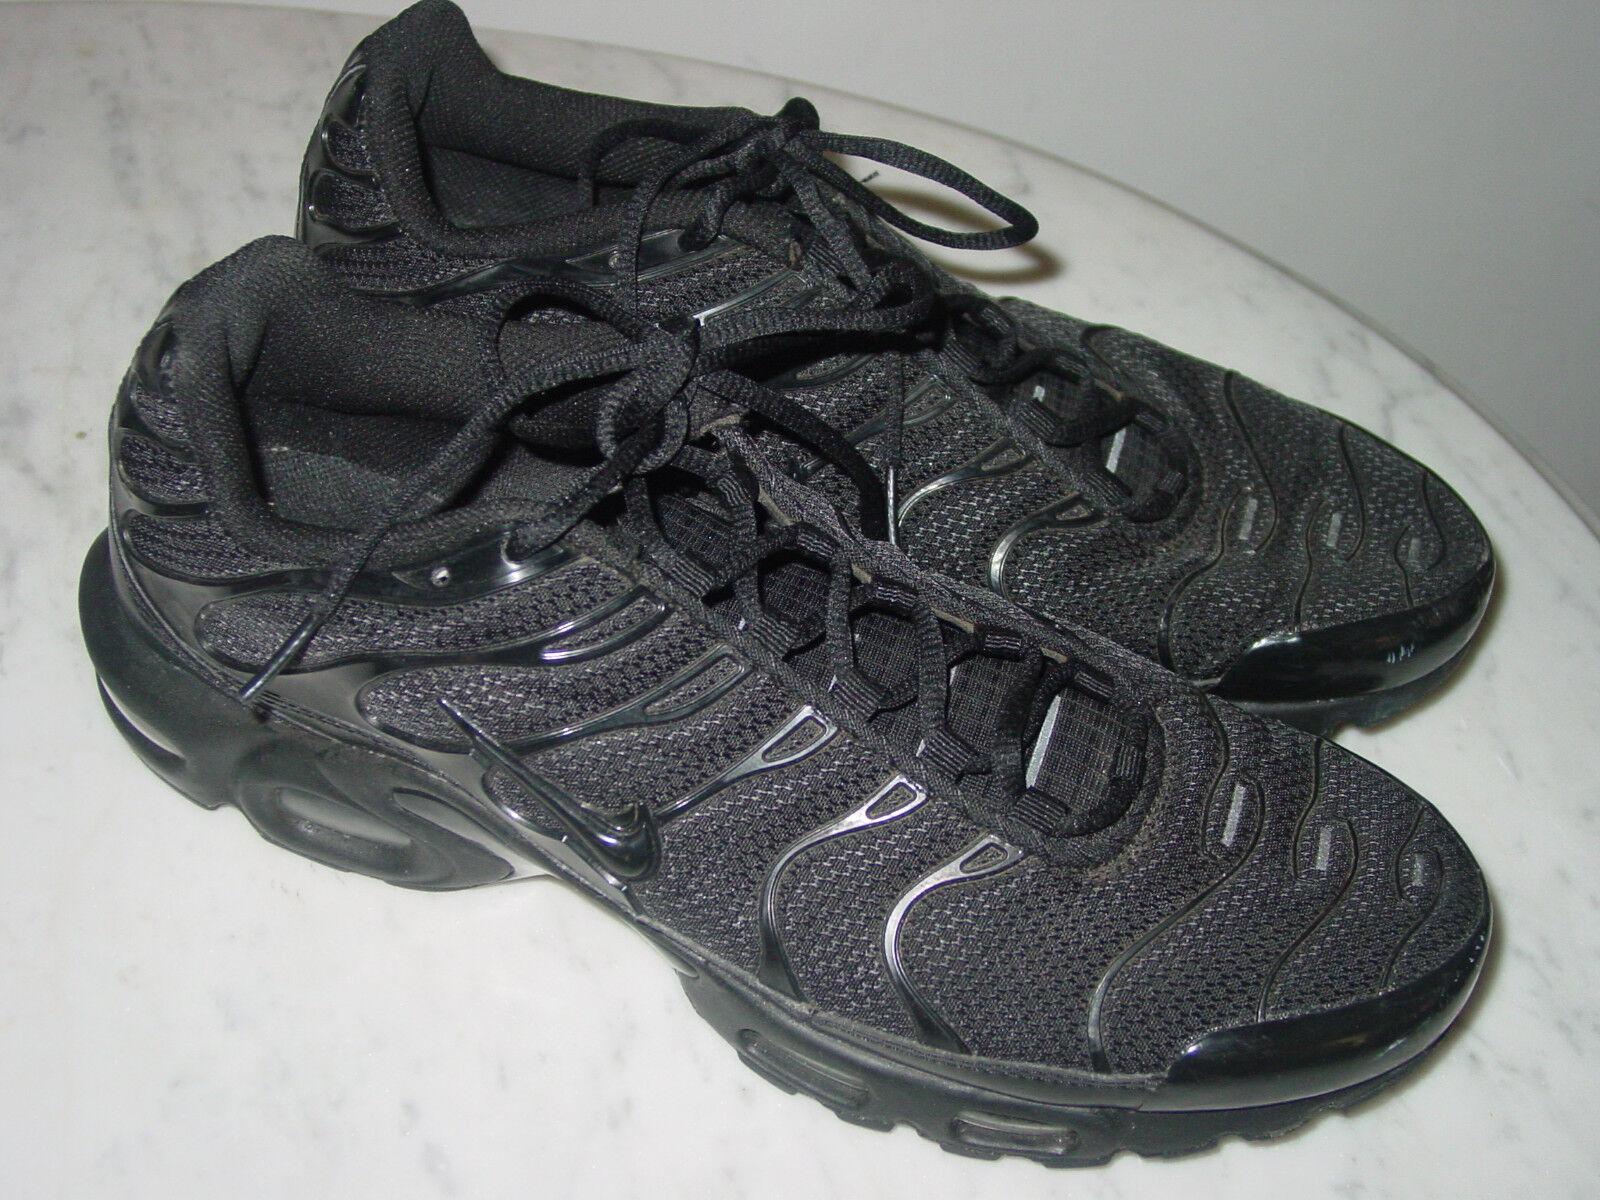 2014 Nike Air Max TN 1 Tuned Air Triple Black Running Shoes Size 10.5